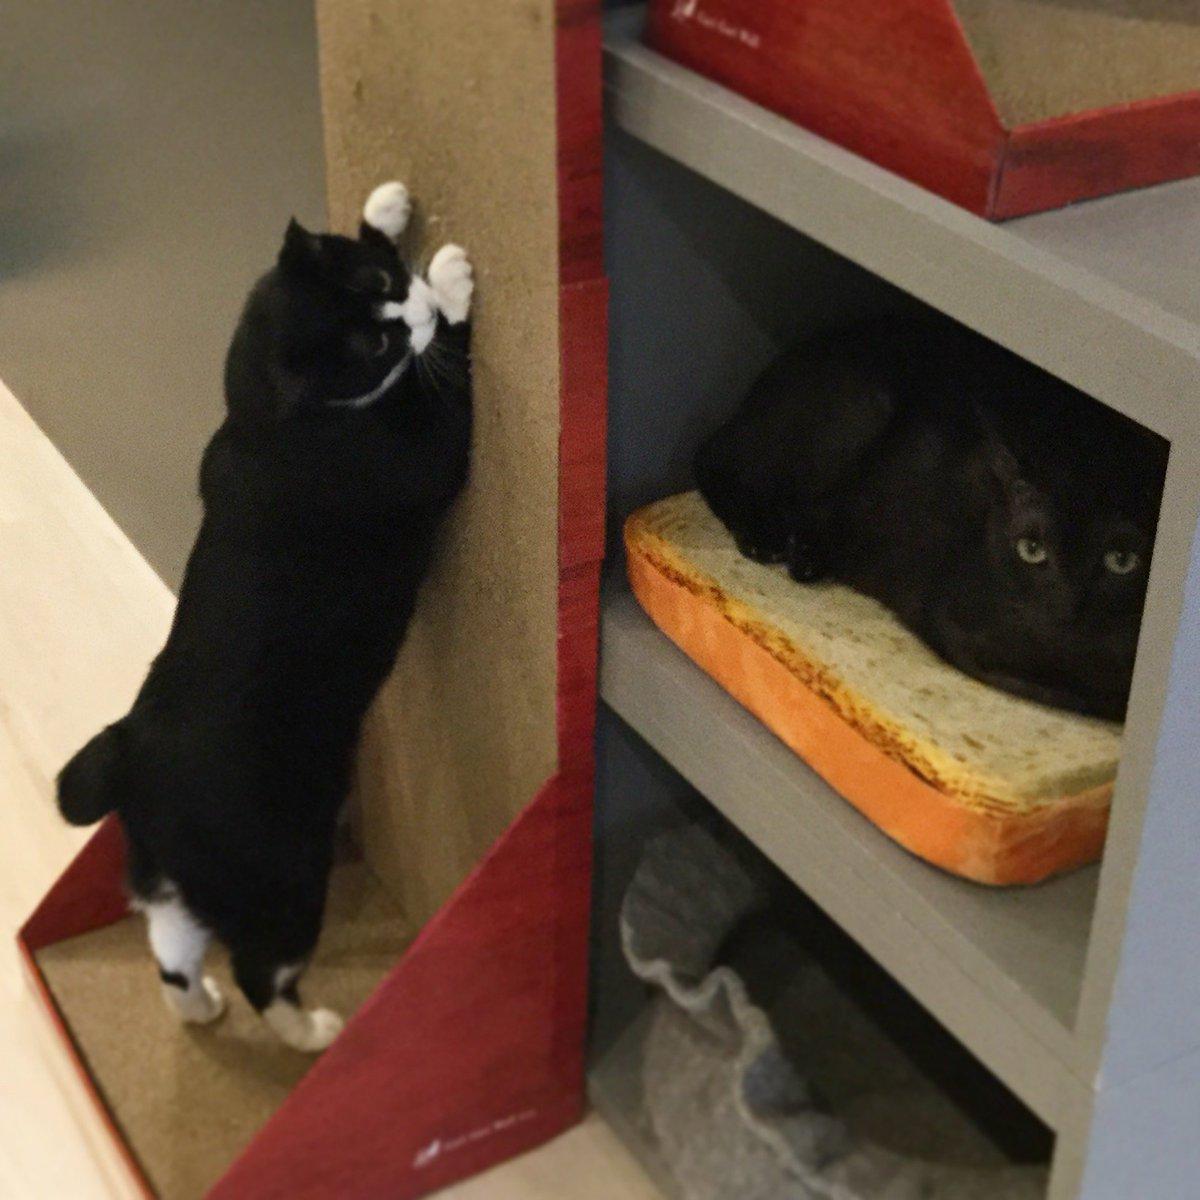 クロまるが気になるソデミちゃん。#ネコリパ池袋 #猫好きさんと繋がりたい